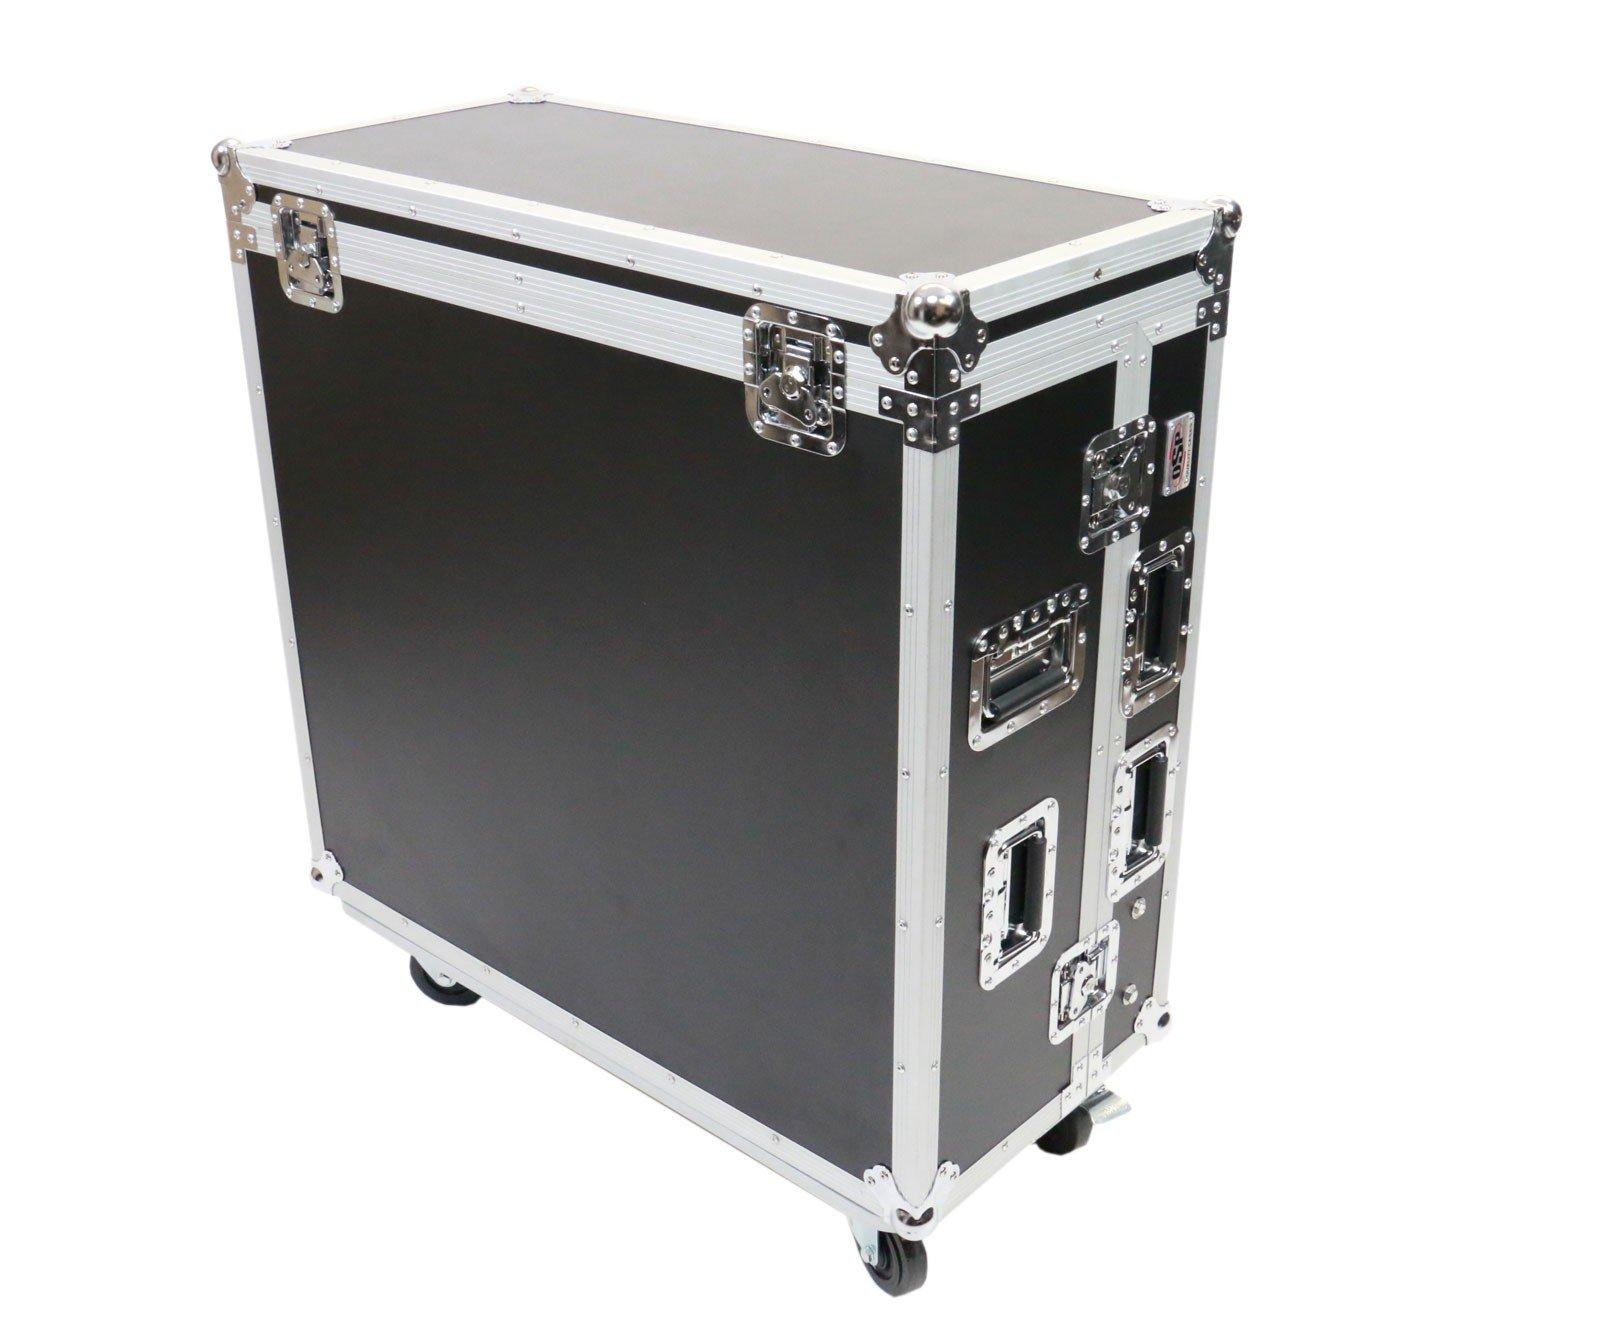 OSP Cases | ATA Road Case | Mixer Case for Yamaha QL5 Digital Mixer | Doghouse | ATA-QL5-DH